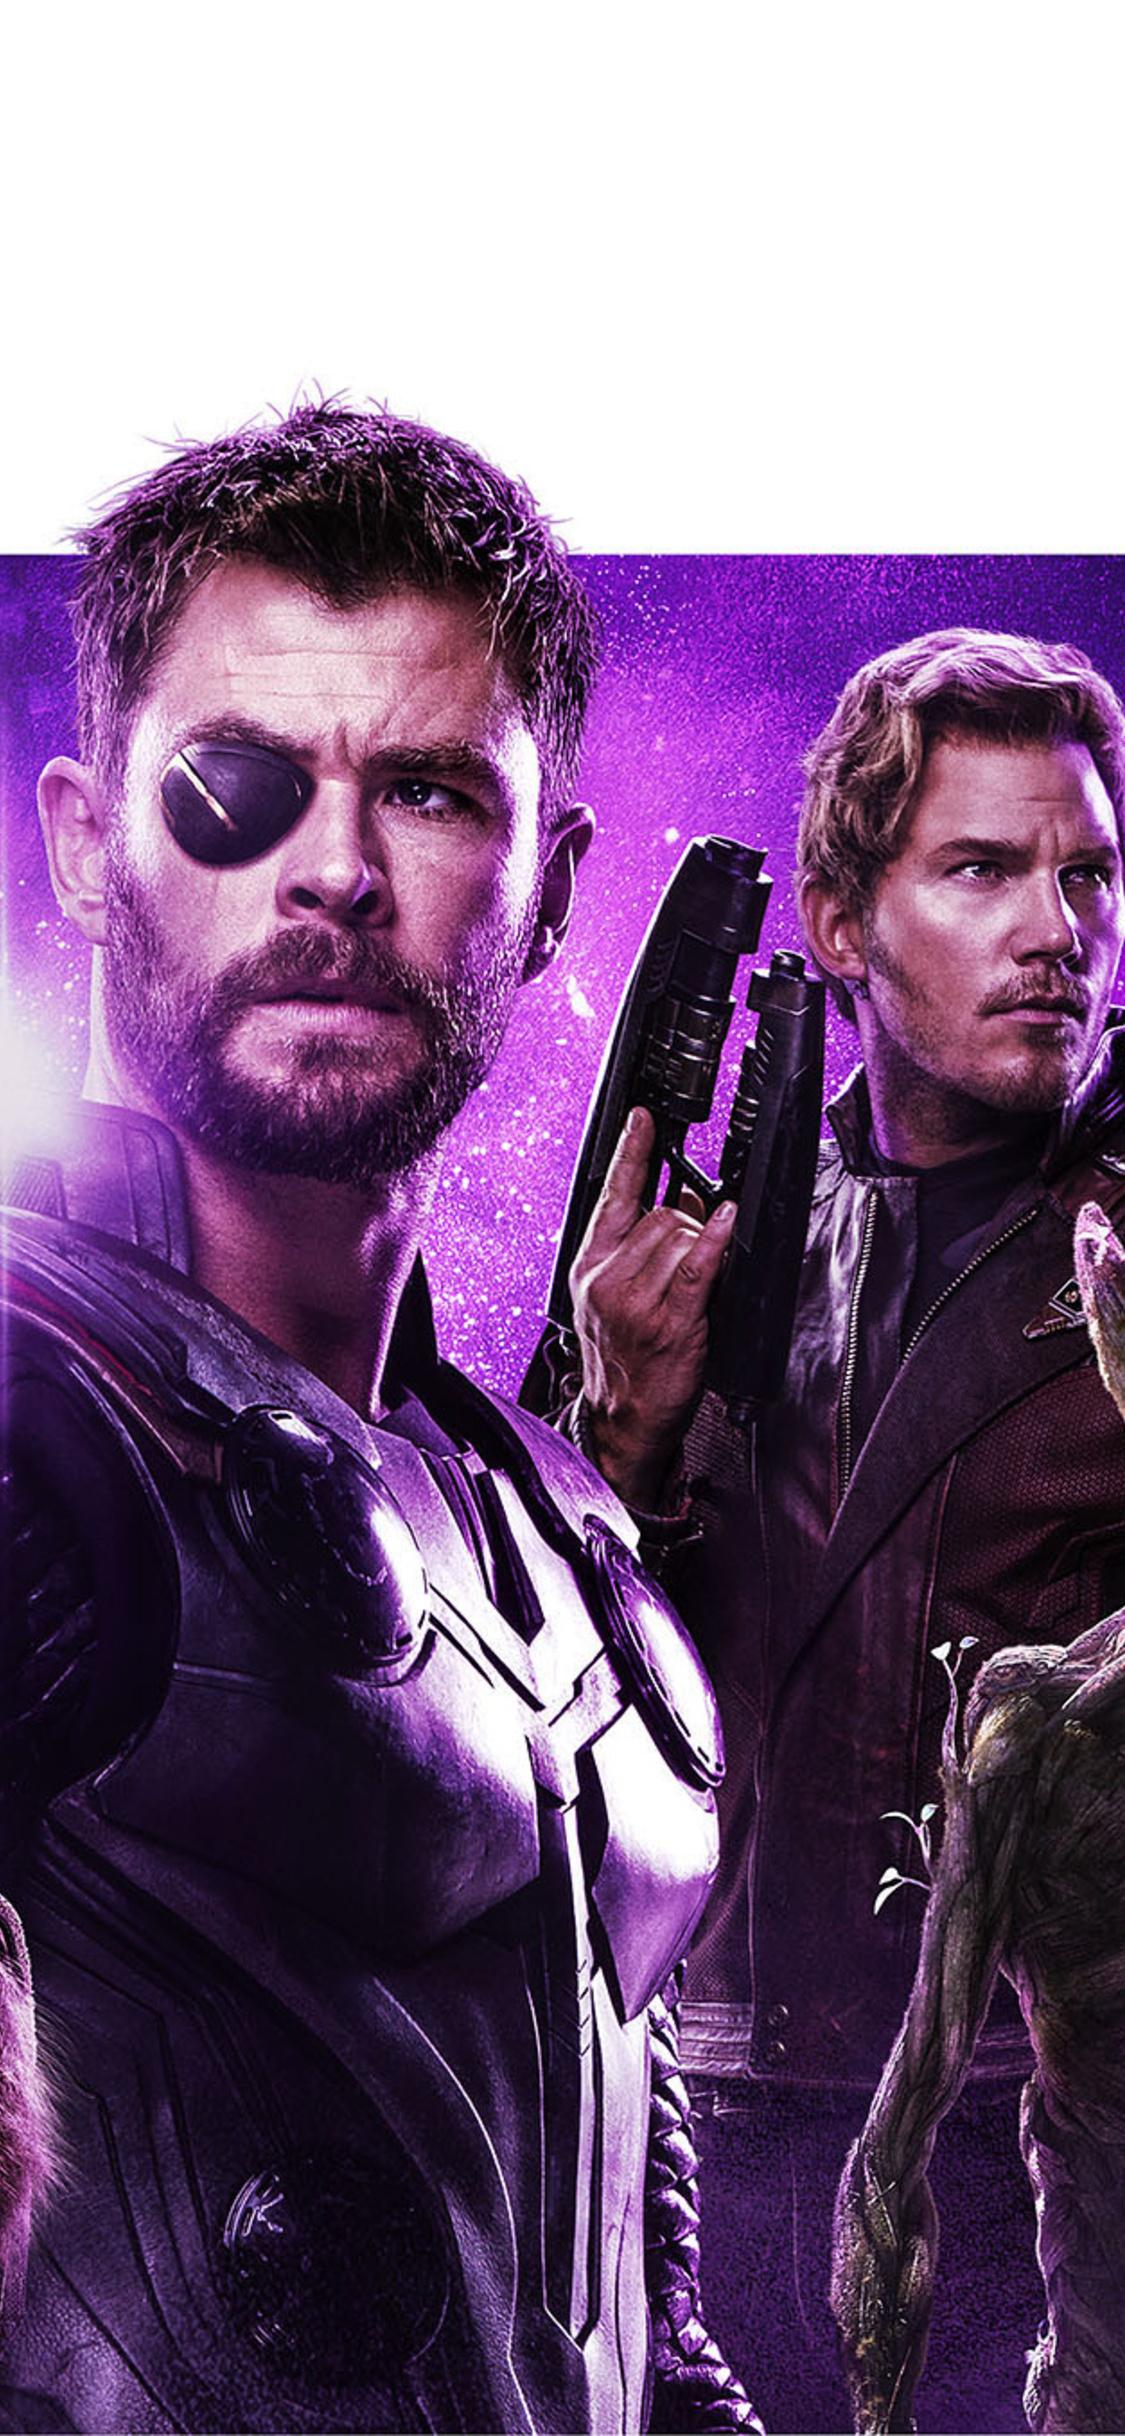 avengers-infinity-war-power-stone-poster-7j.jpg